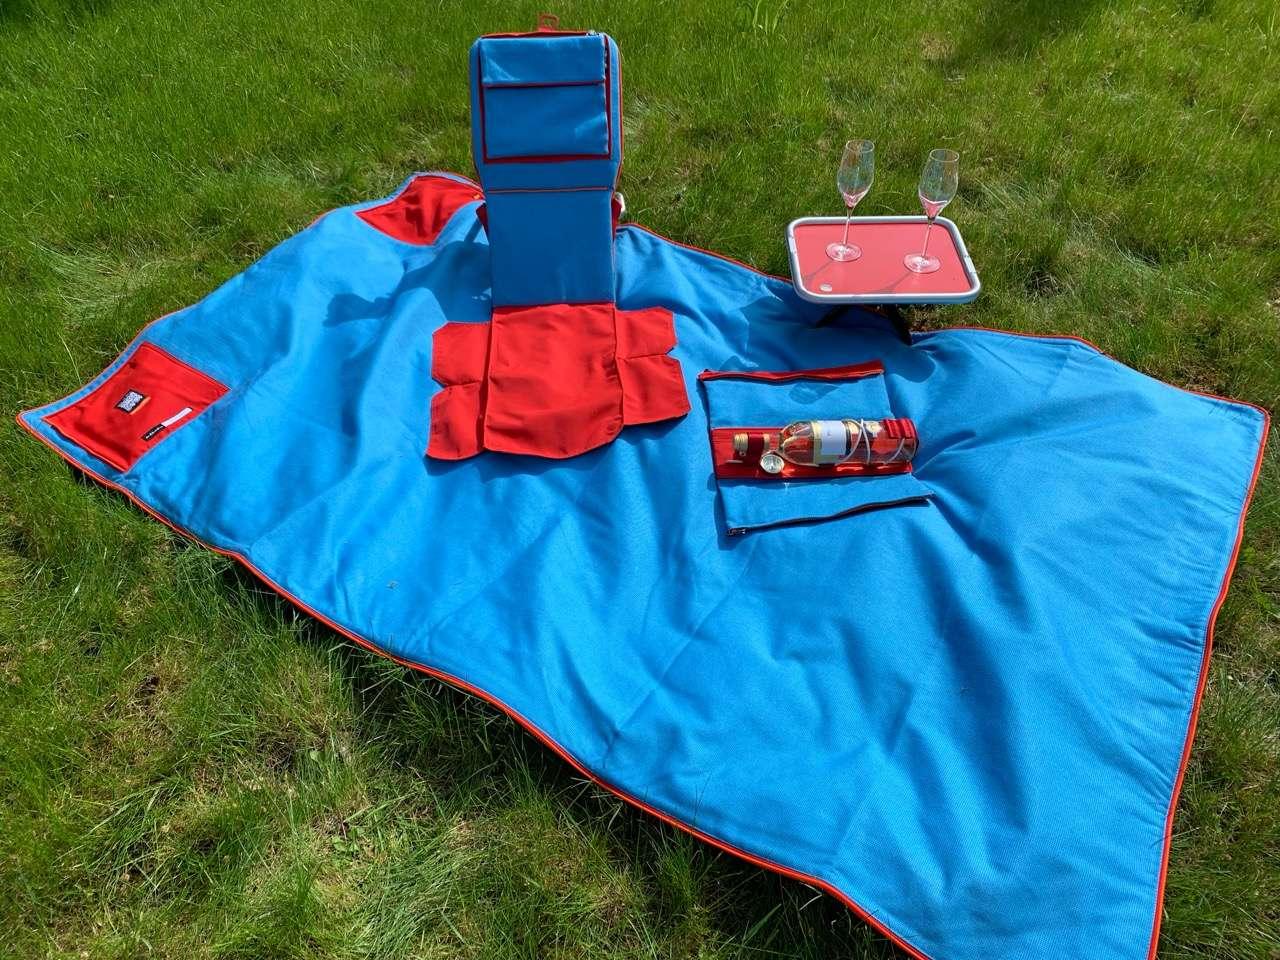 Suba Picnic-Makers Rückenlehne zum Anlehnen und Sitzen auf Picknickdecken